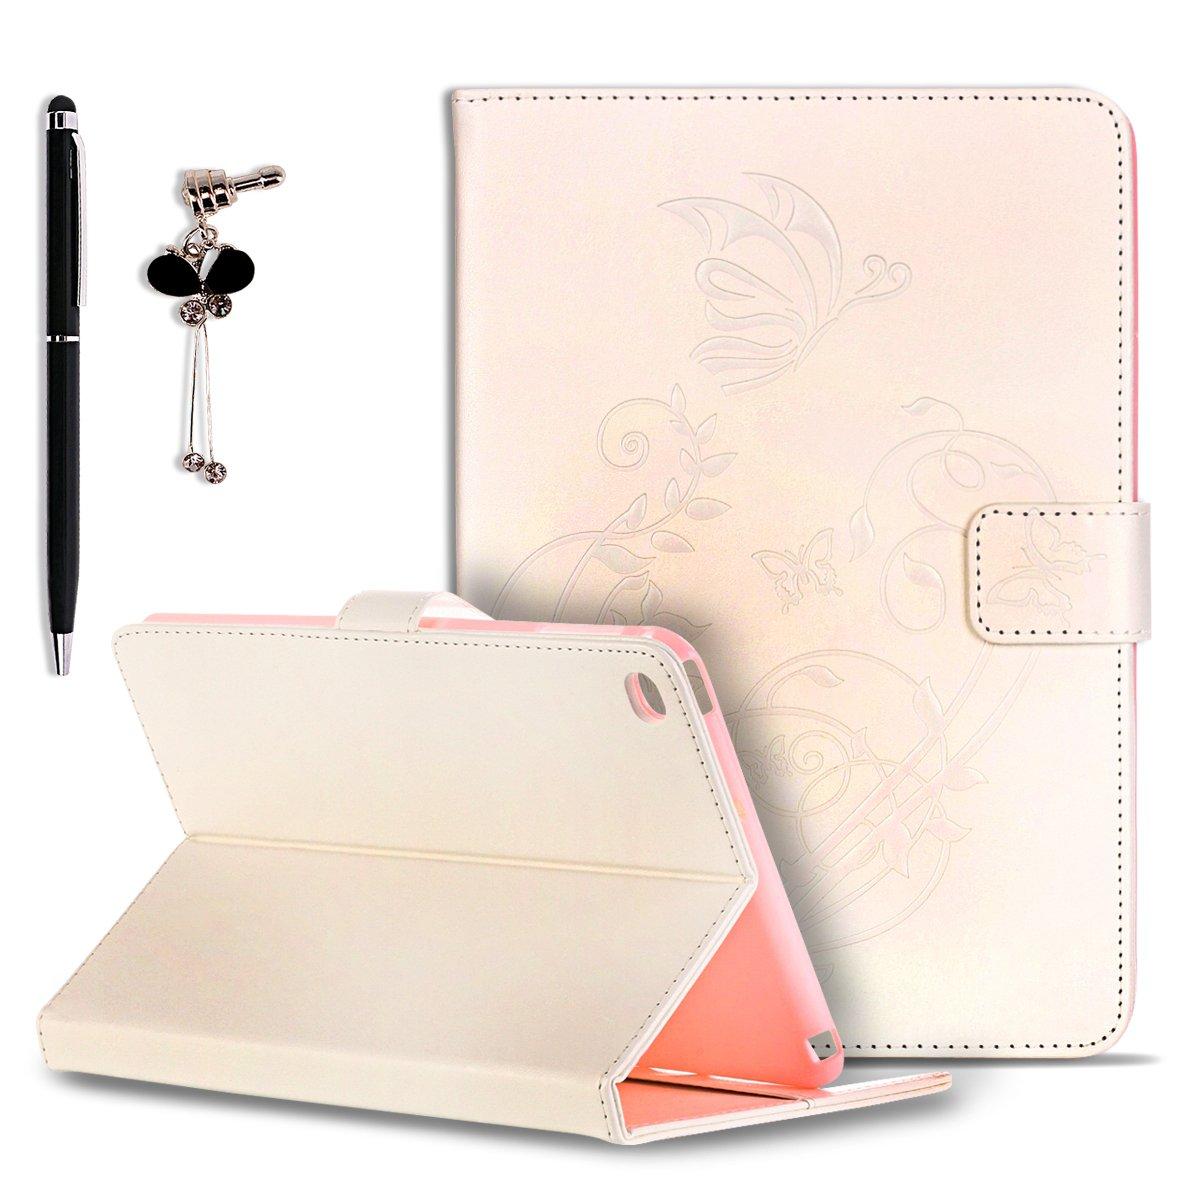 Etui iPad Mini 1 // 2 // 3 Stylet et Bouchon Anti-Poussi/ère SpiritSun Housse de Protection en Cuir Smart Case pour Apple iPad Mini 1 // 2 // 3 Retro Fleur Motif Design avec Fonction Stand // Auto R/éveil // Veille Rose Vif